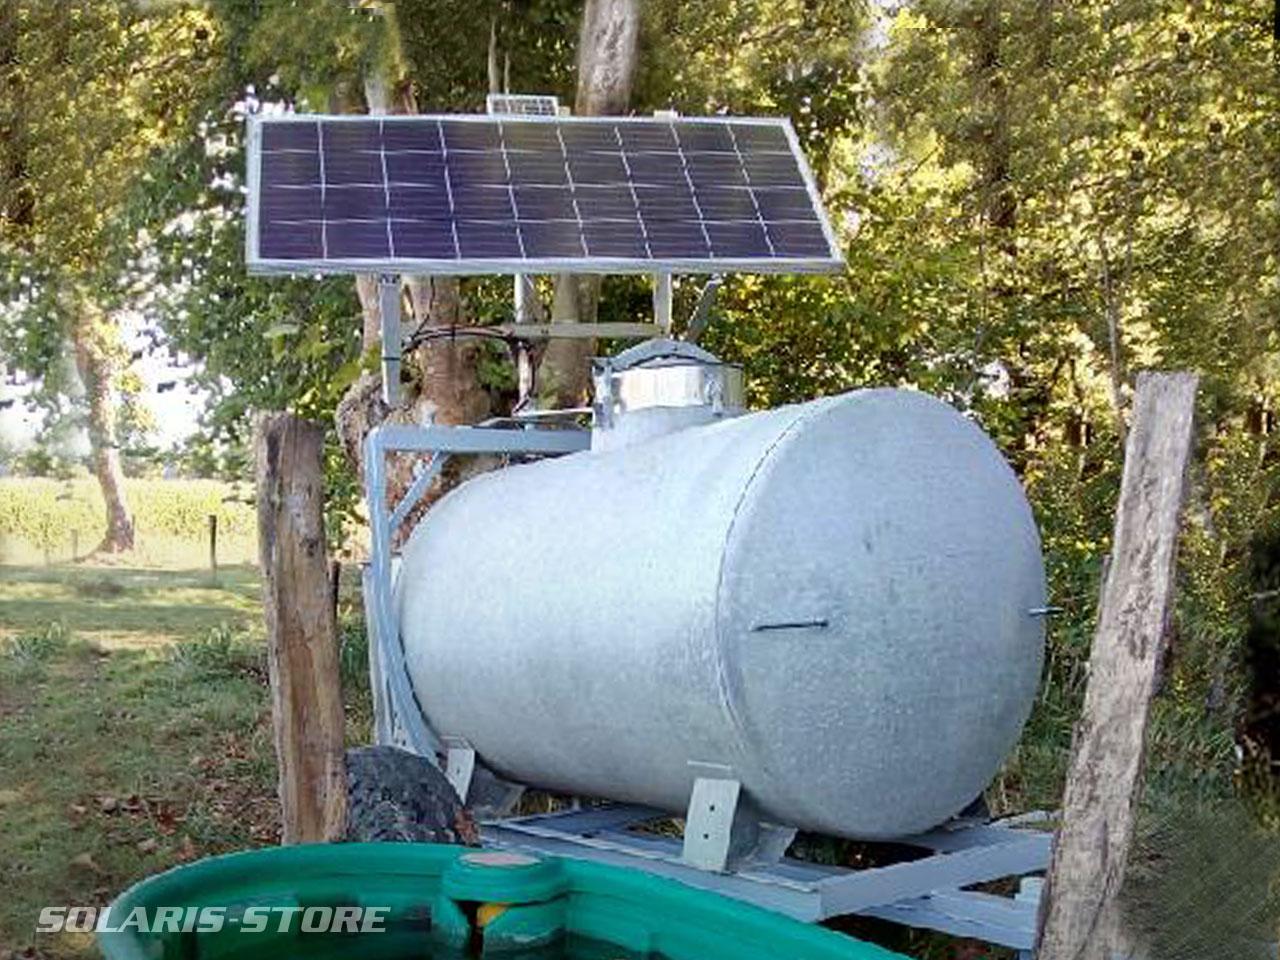 Citerne agricole à eau sur remorque équipé d'une pompe solaire photovoltaïque